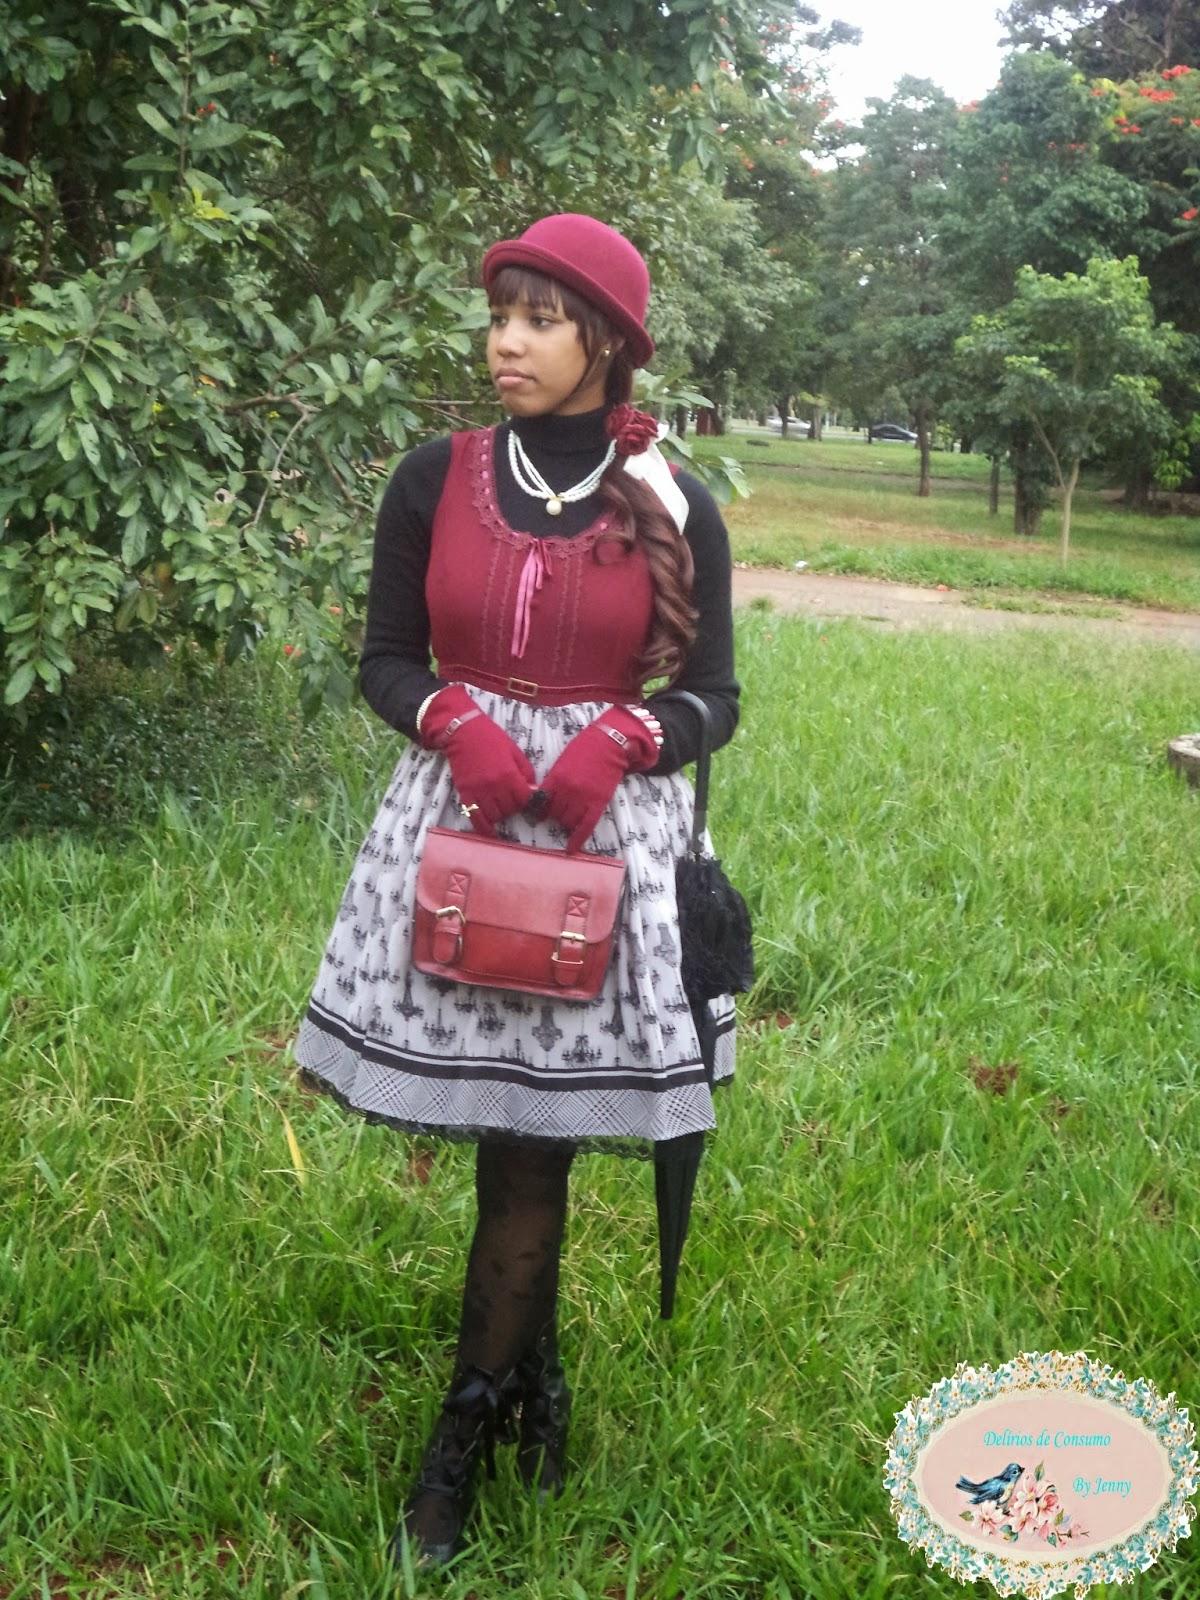 http://deliriosdeconsumismo.blogspot.com.br/2015/03/outfits-de-fevereiro.html